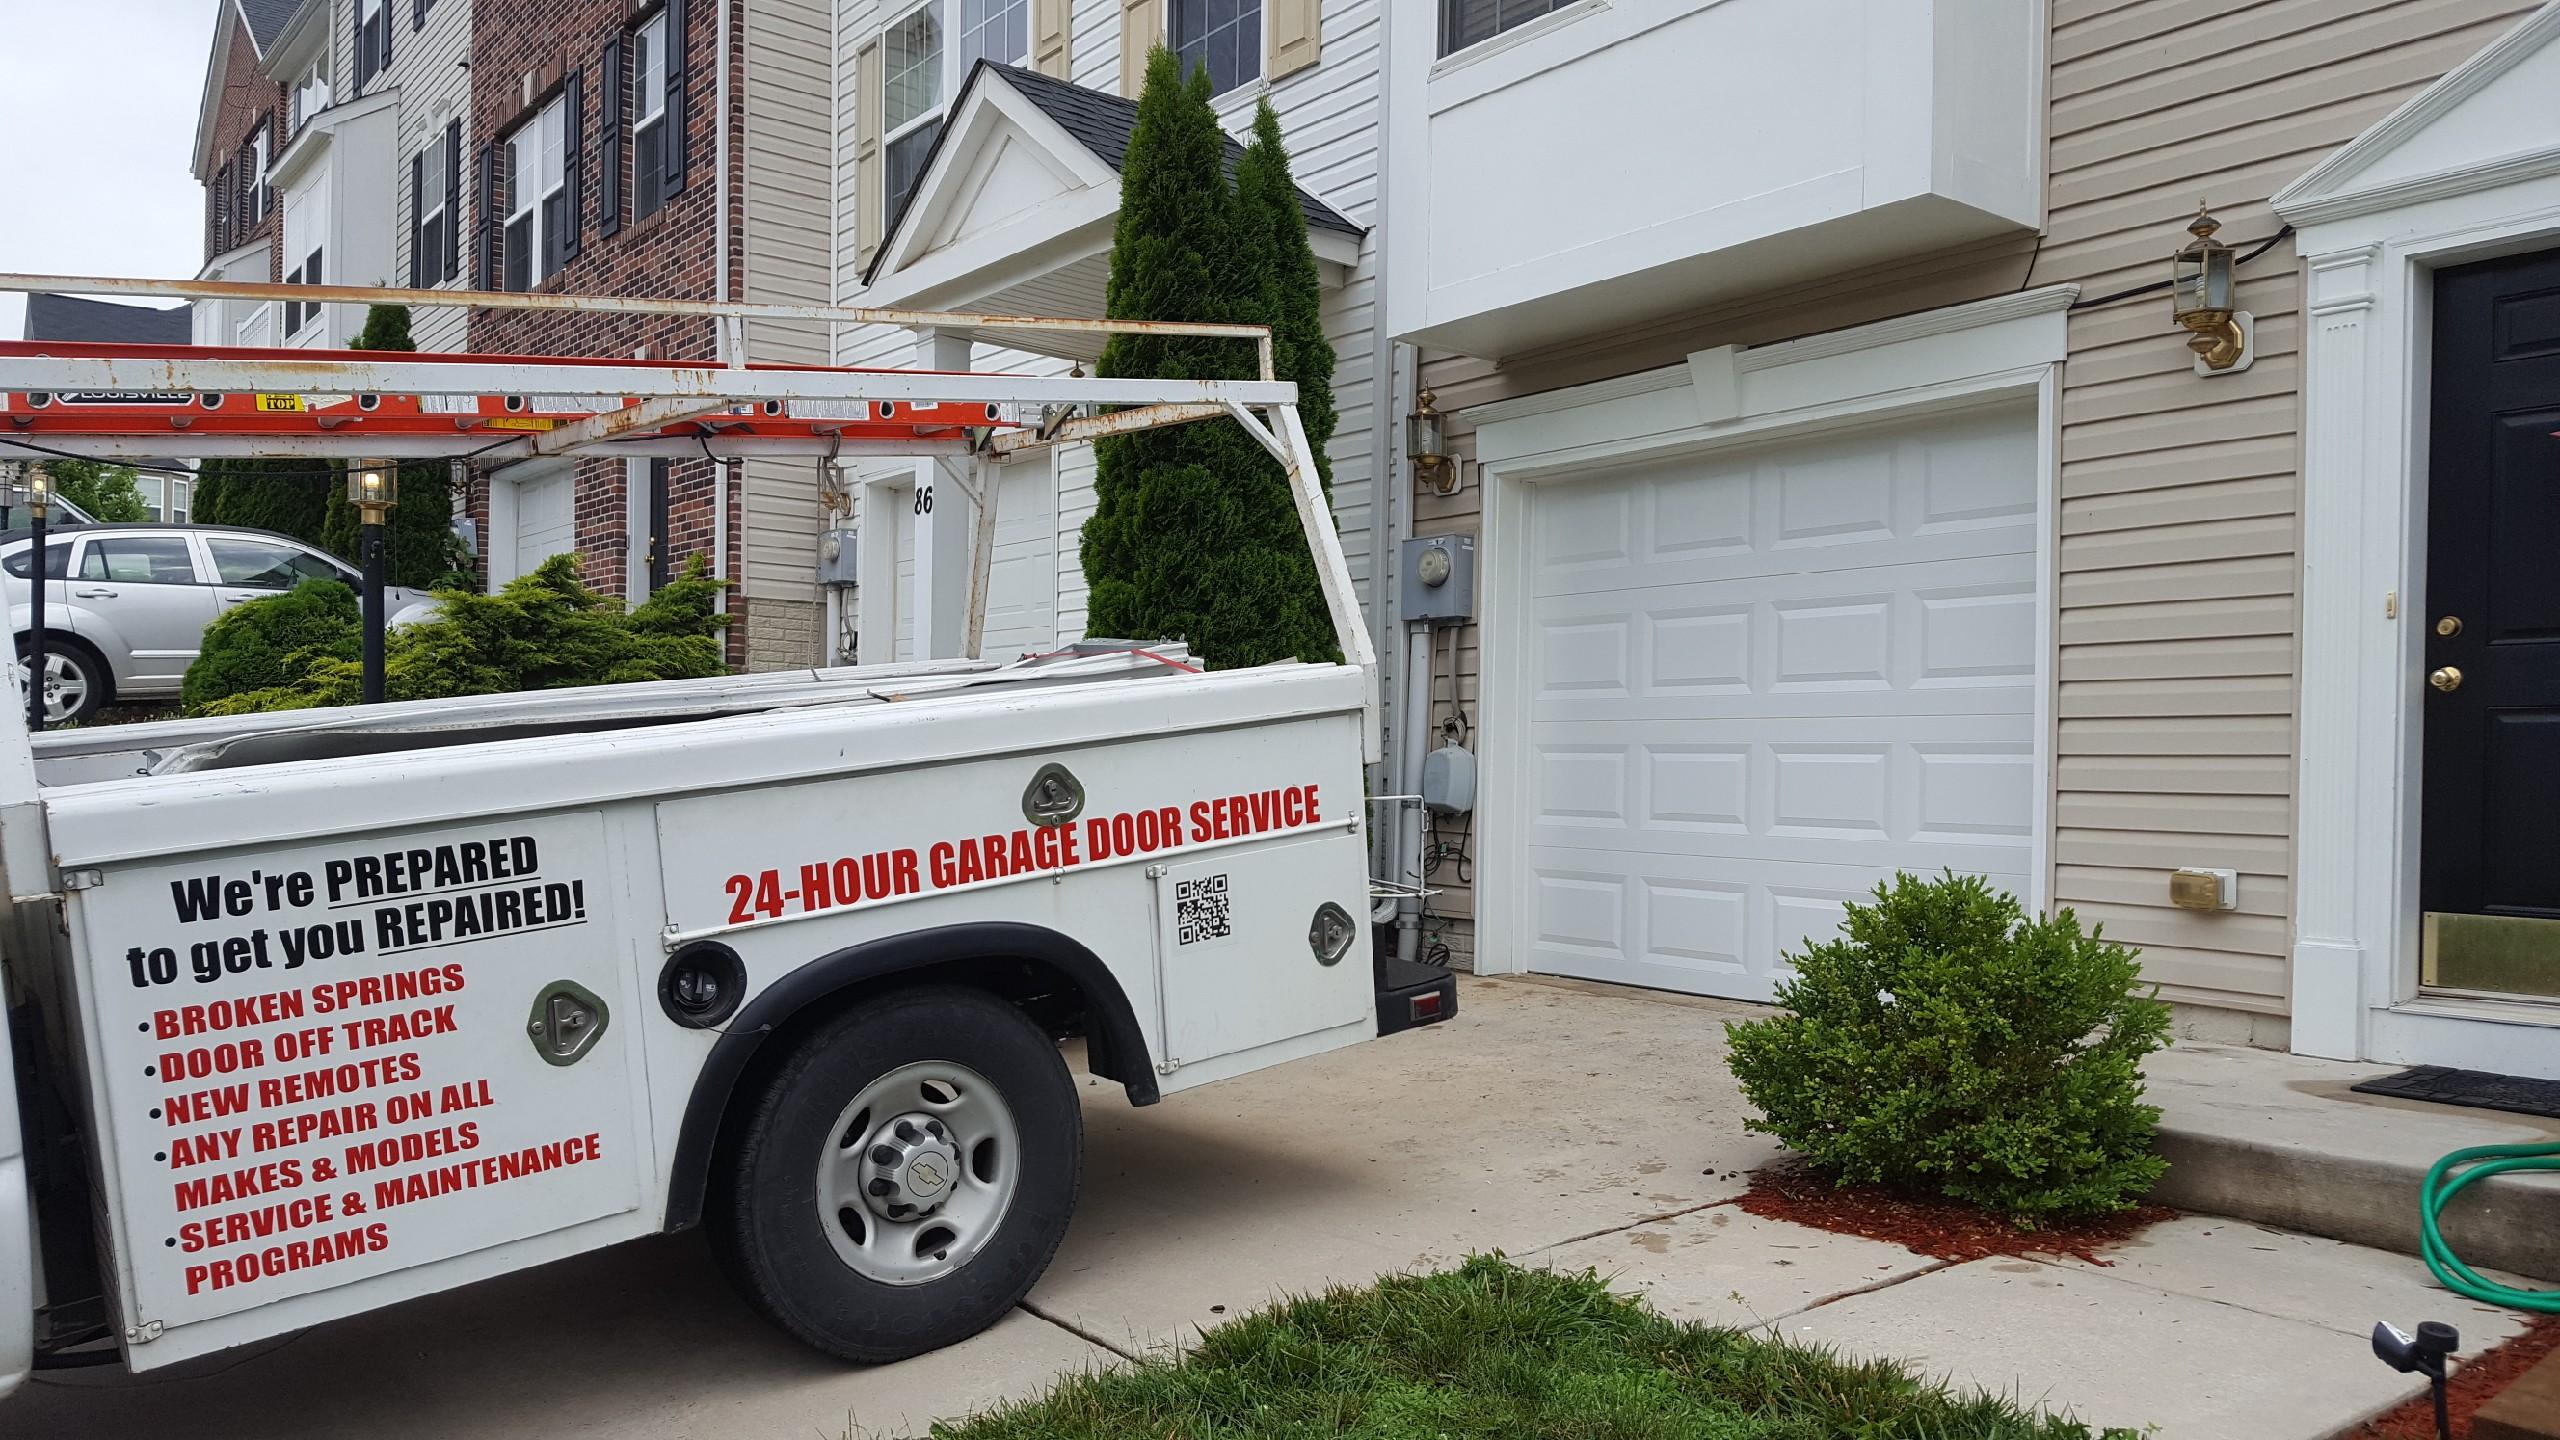 Door serv pro bunker hill west virginia wv for 24 7 garage door repair near me